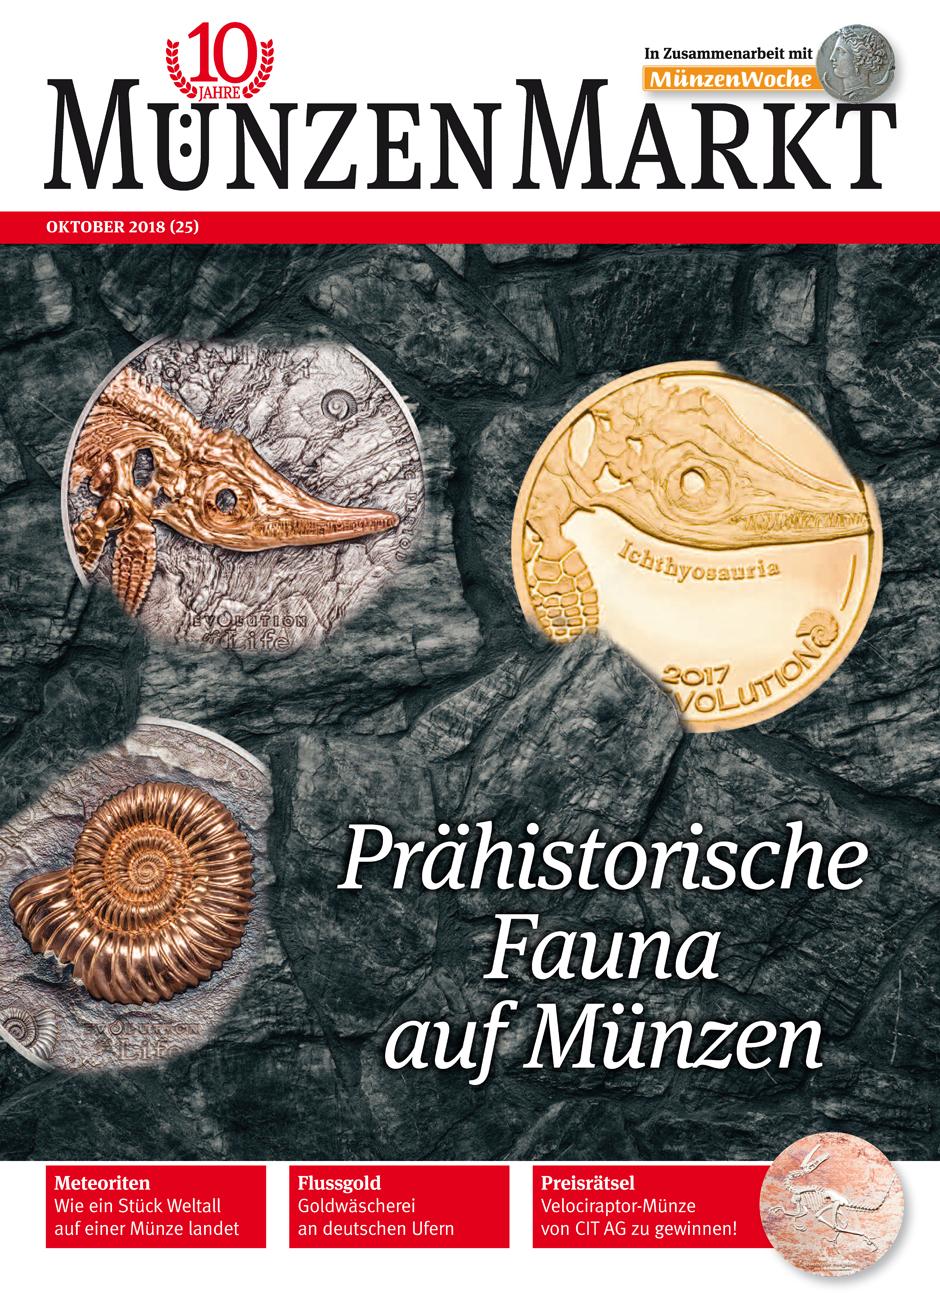 Münzenmarkt Münzenwoche